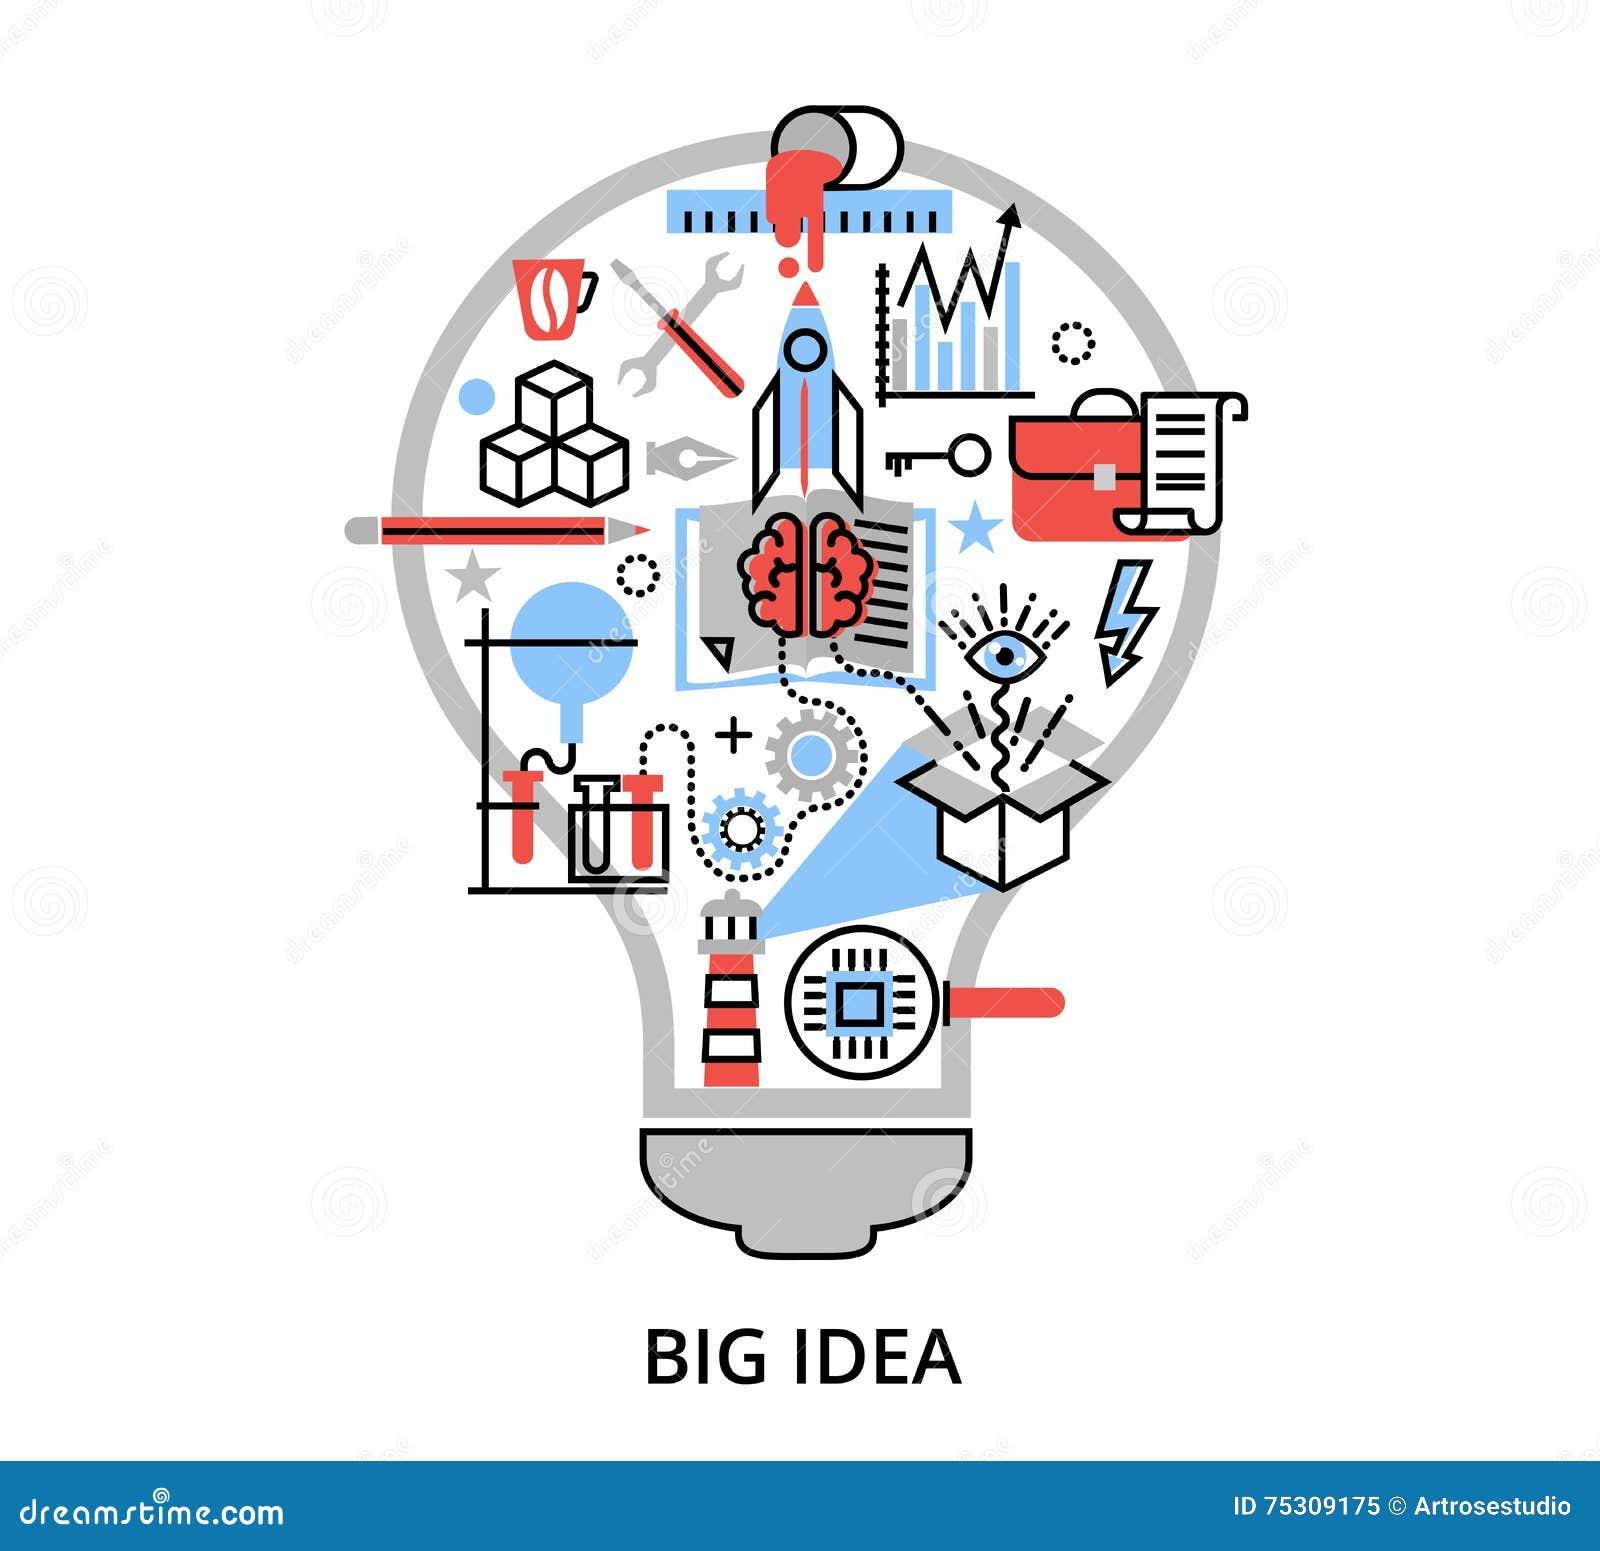 Современная плоская тонкая линия иллюстрация вектора дизайна, концепция творческой большой идеи в форме лампы шарика